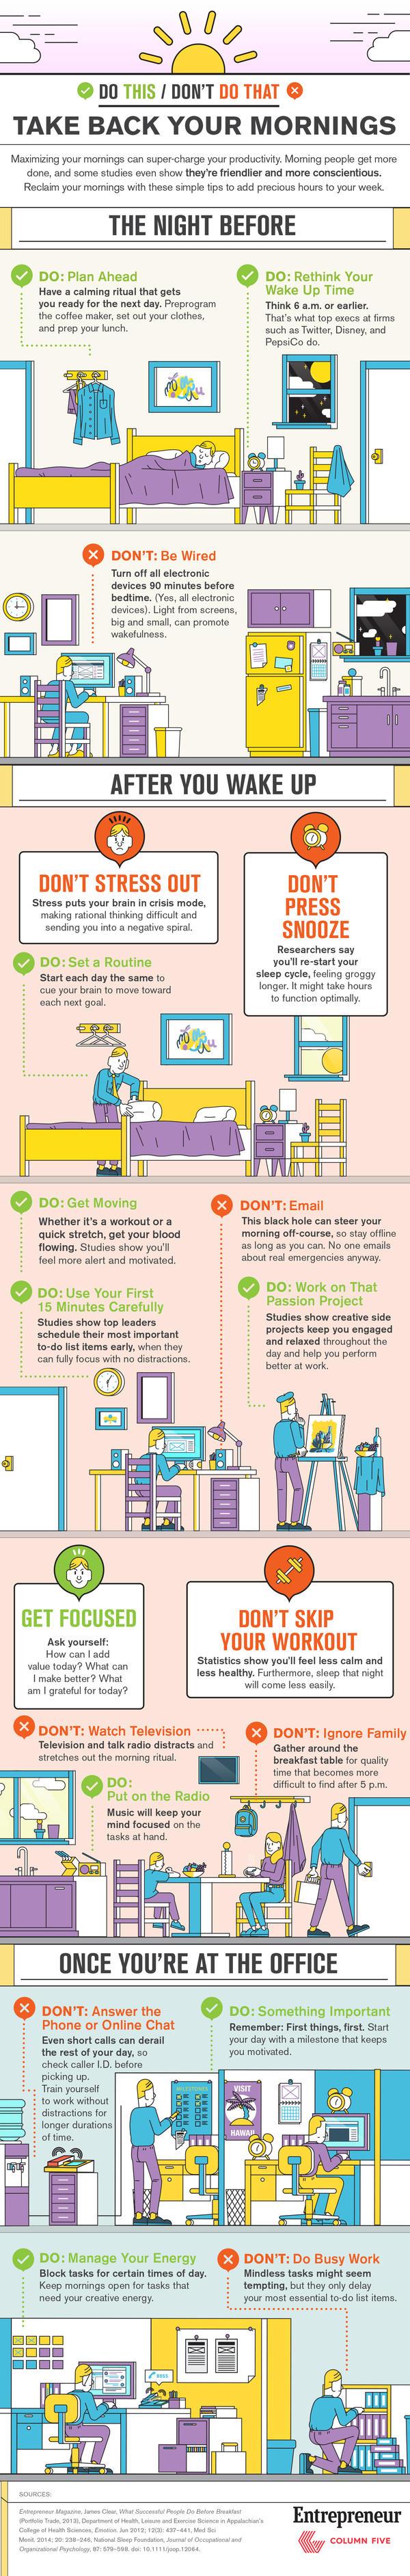 Consells per aprofitar el matí al màxim [INFOGRAFIA]